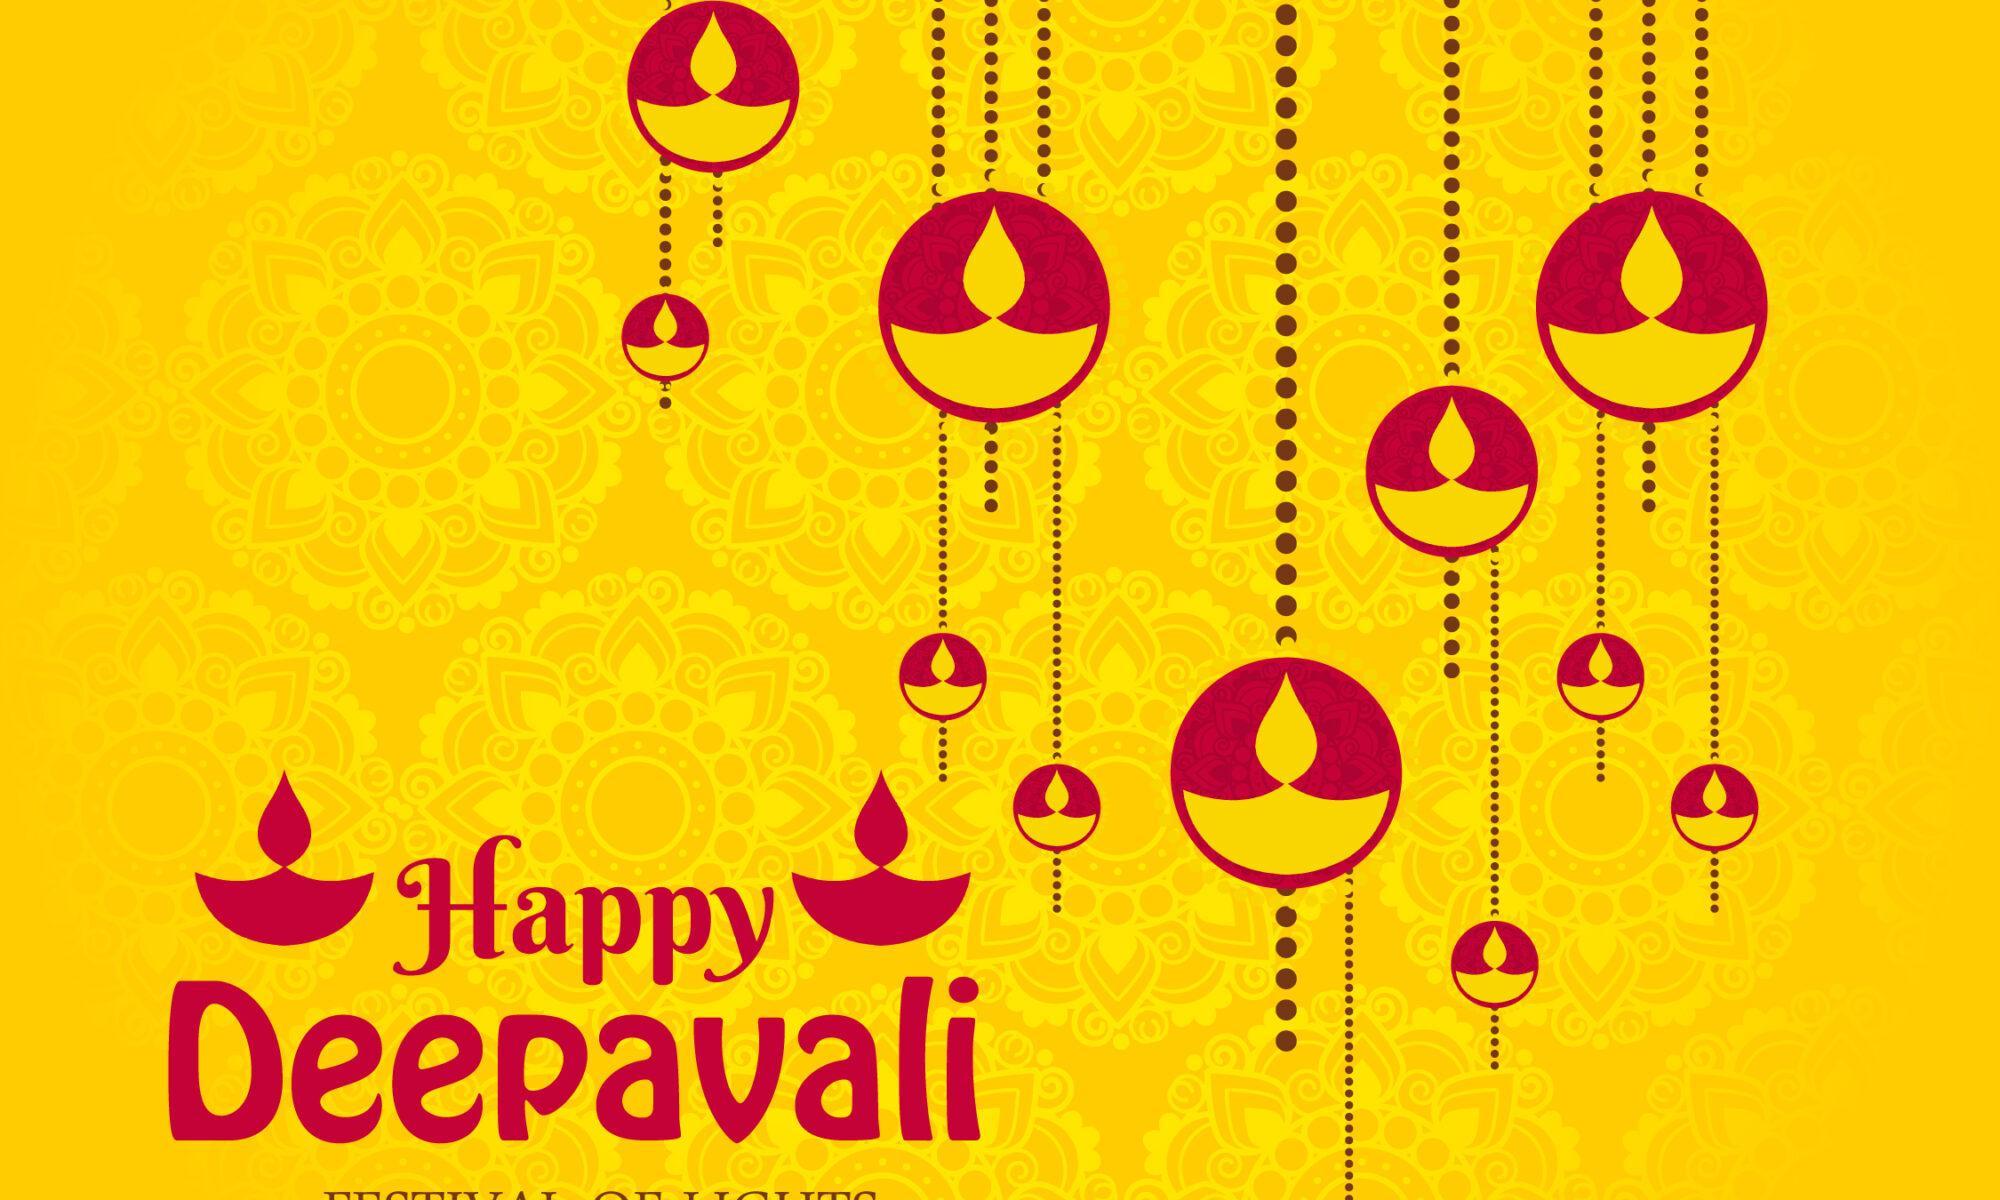 Happy Deepavali 2020 from Creatz3D